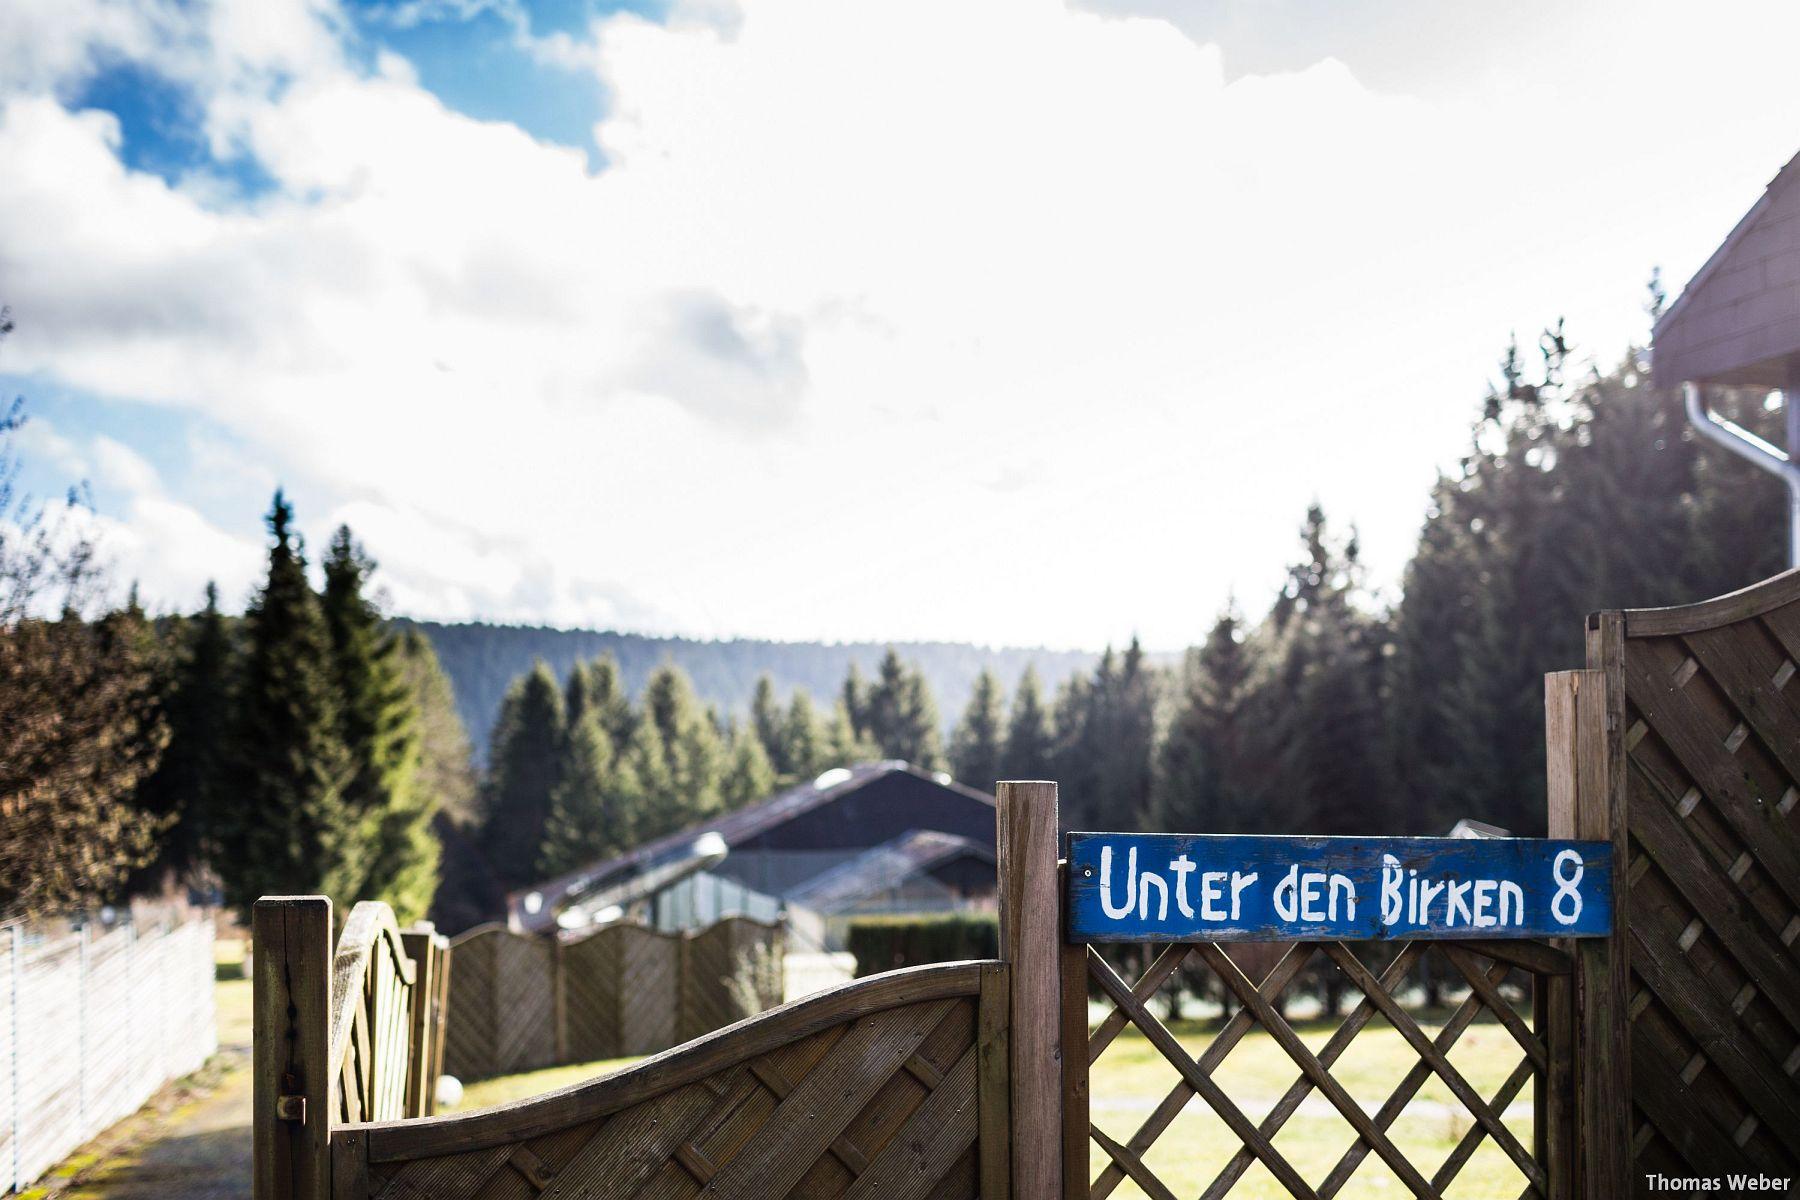 Hochzeitsfotograf Goslar: Standesamtliche Trauung in der Kaiserpfalz in Goslar (Harz) (1)